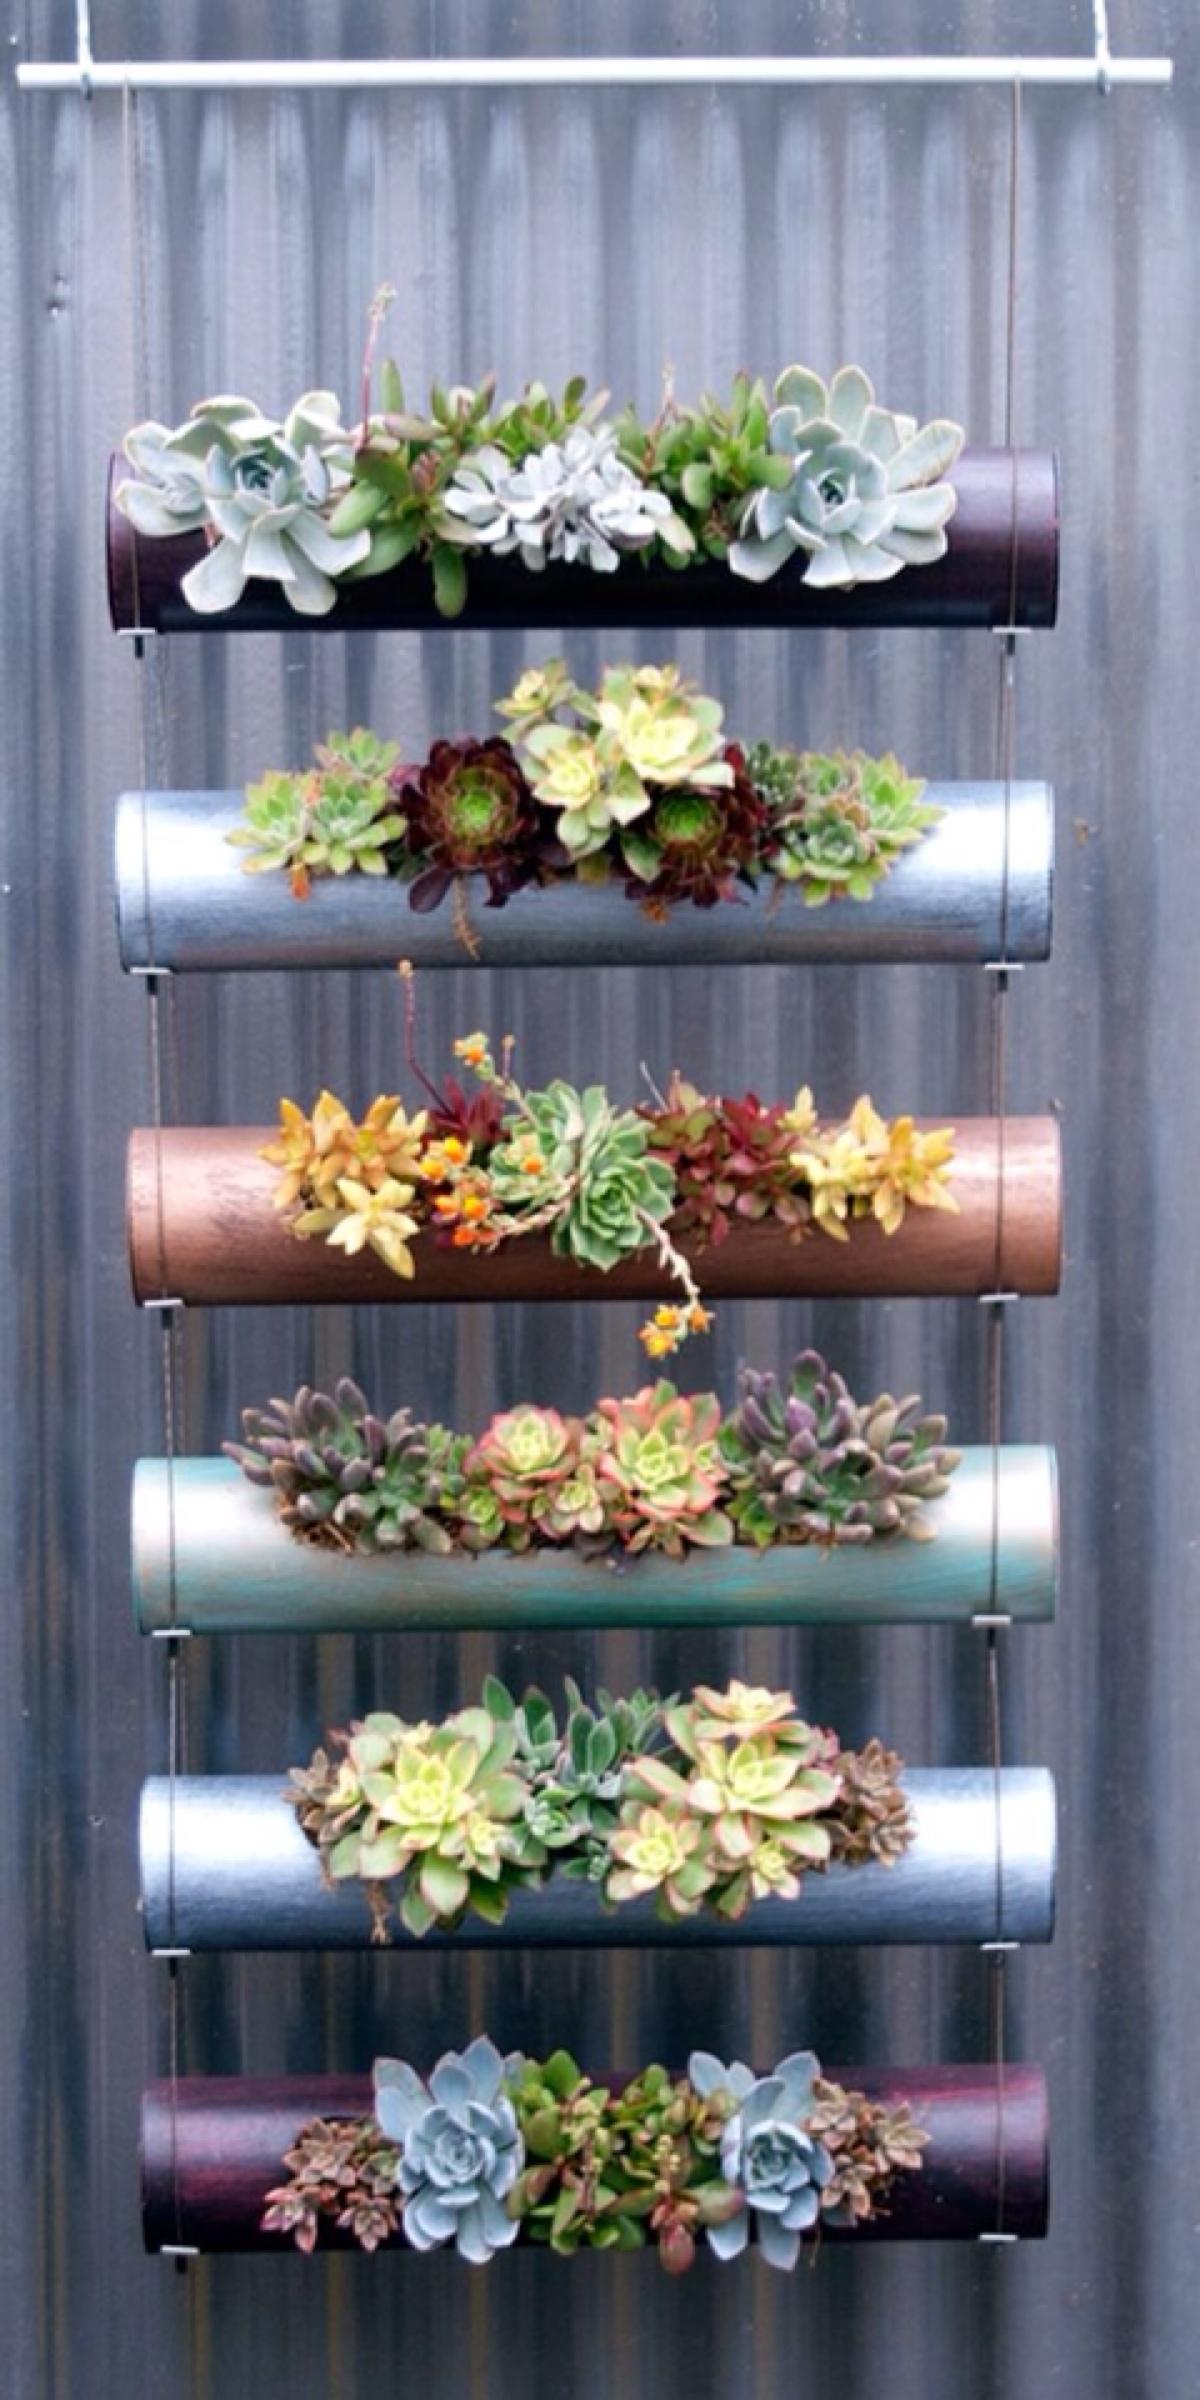 08-a-sleek-modern-vertical-garden-homebnc